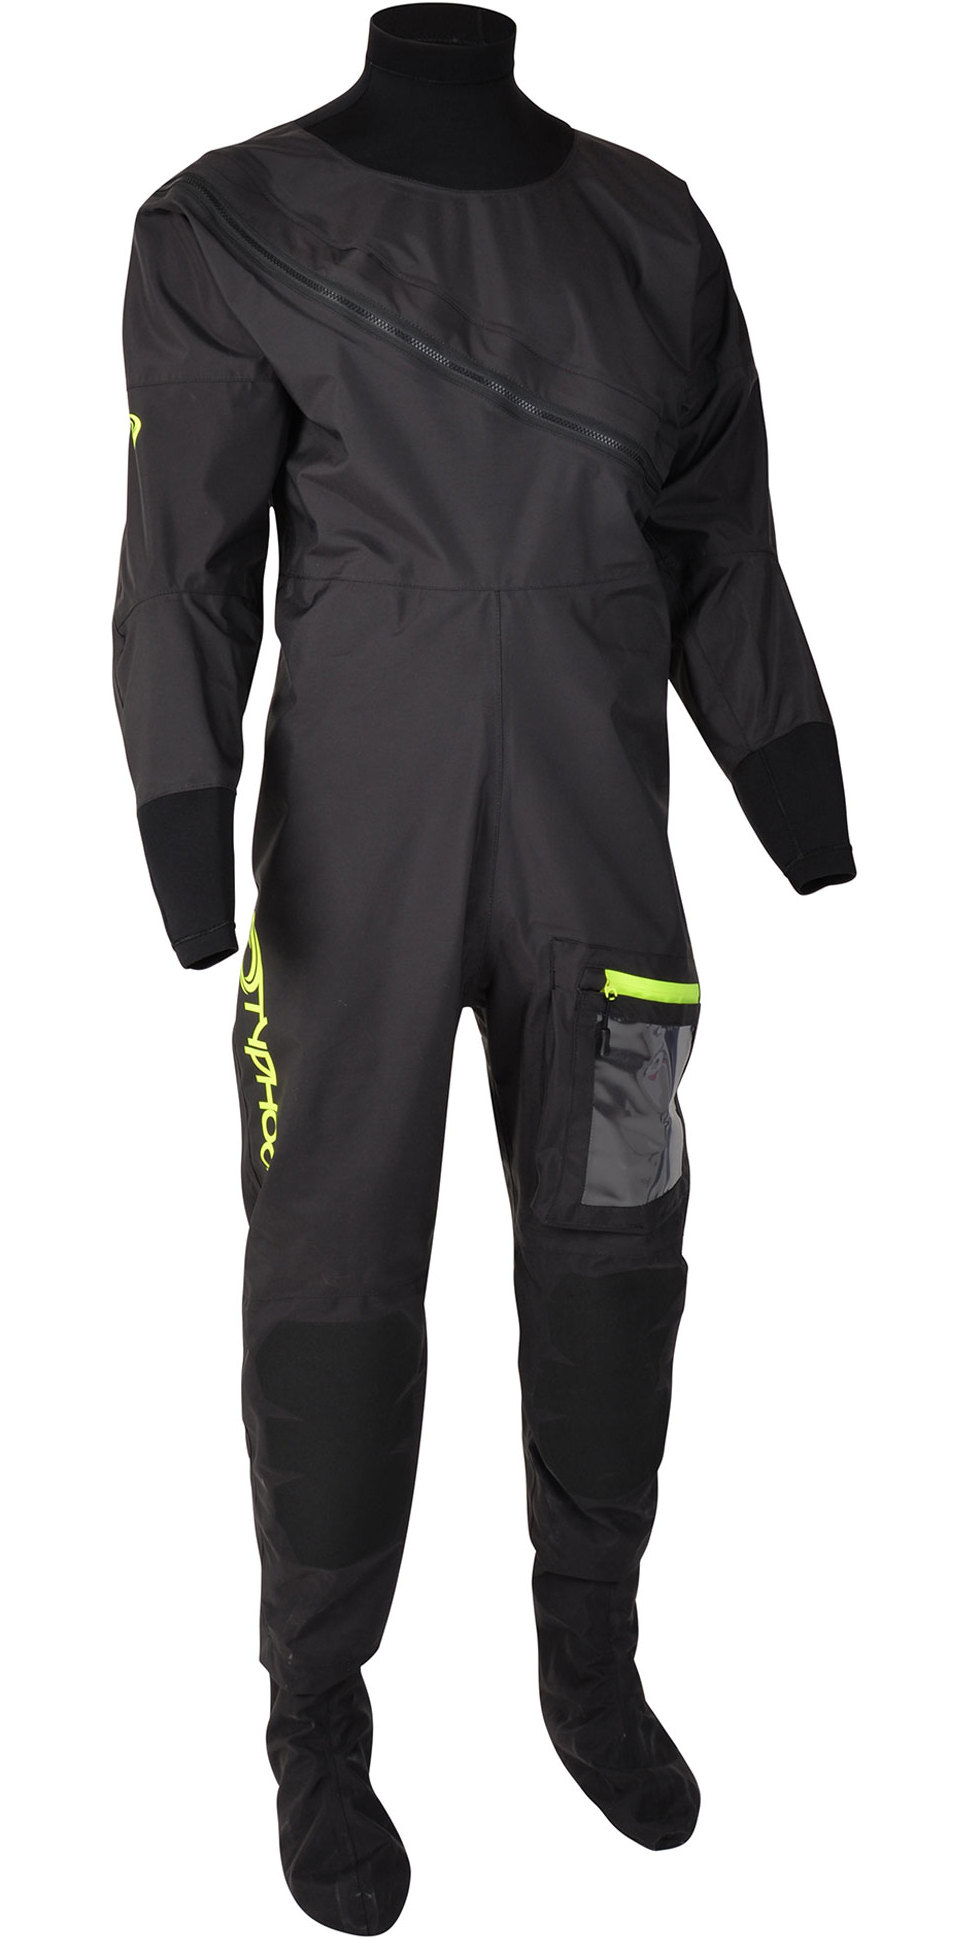 2020 Typhoon Herren Ezeedon 4 Front Zip Drysuit & Free Underfleece 100174 - Schwarz